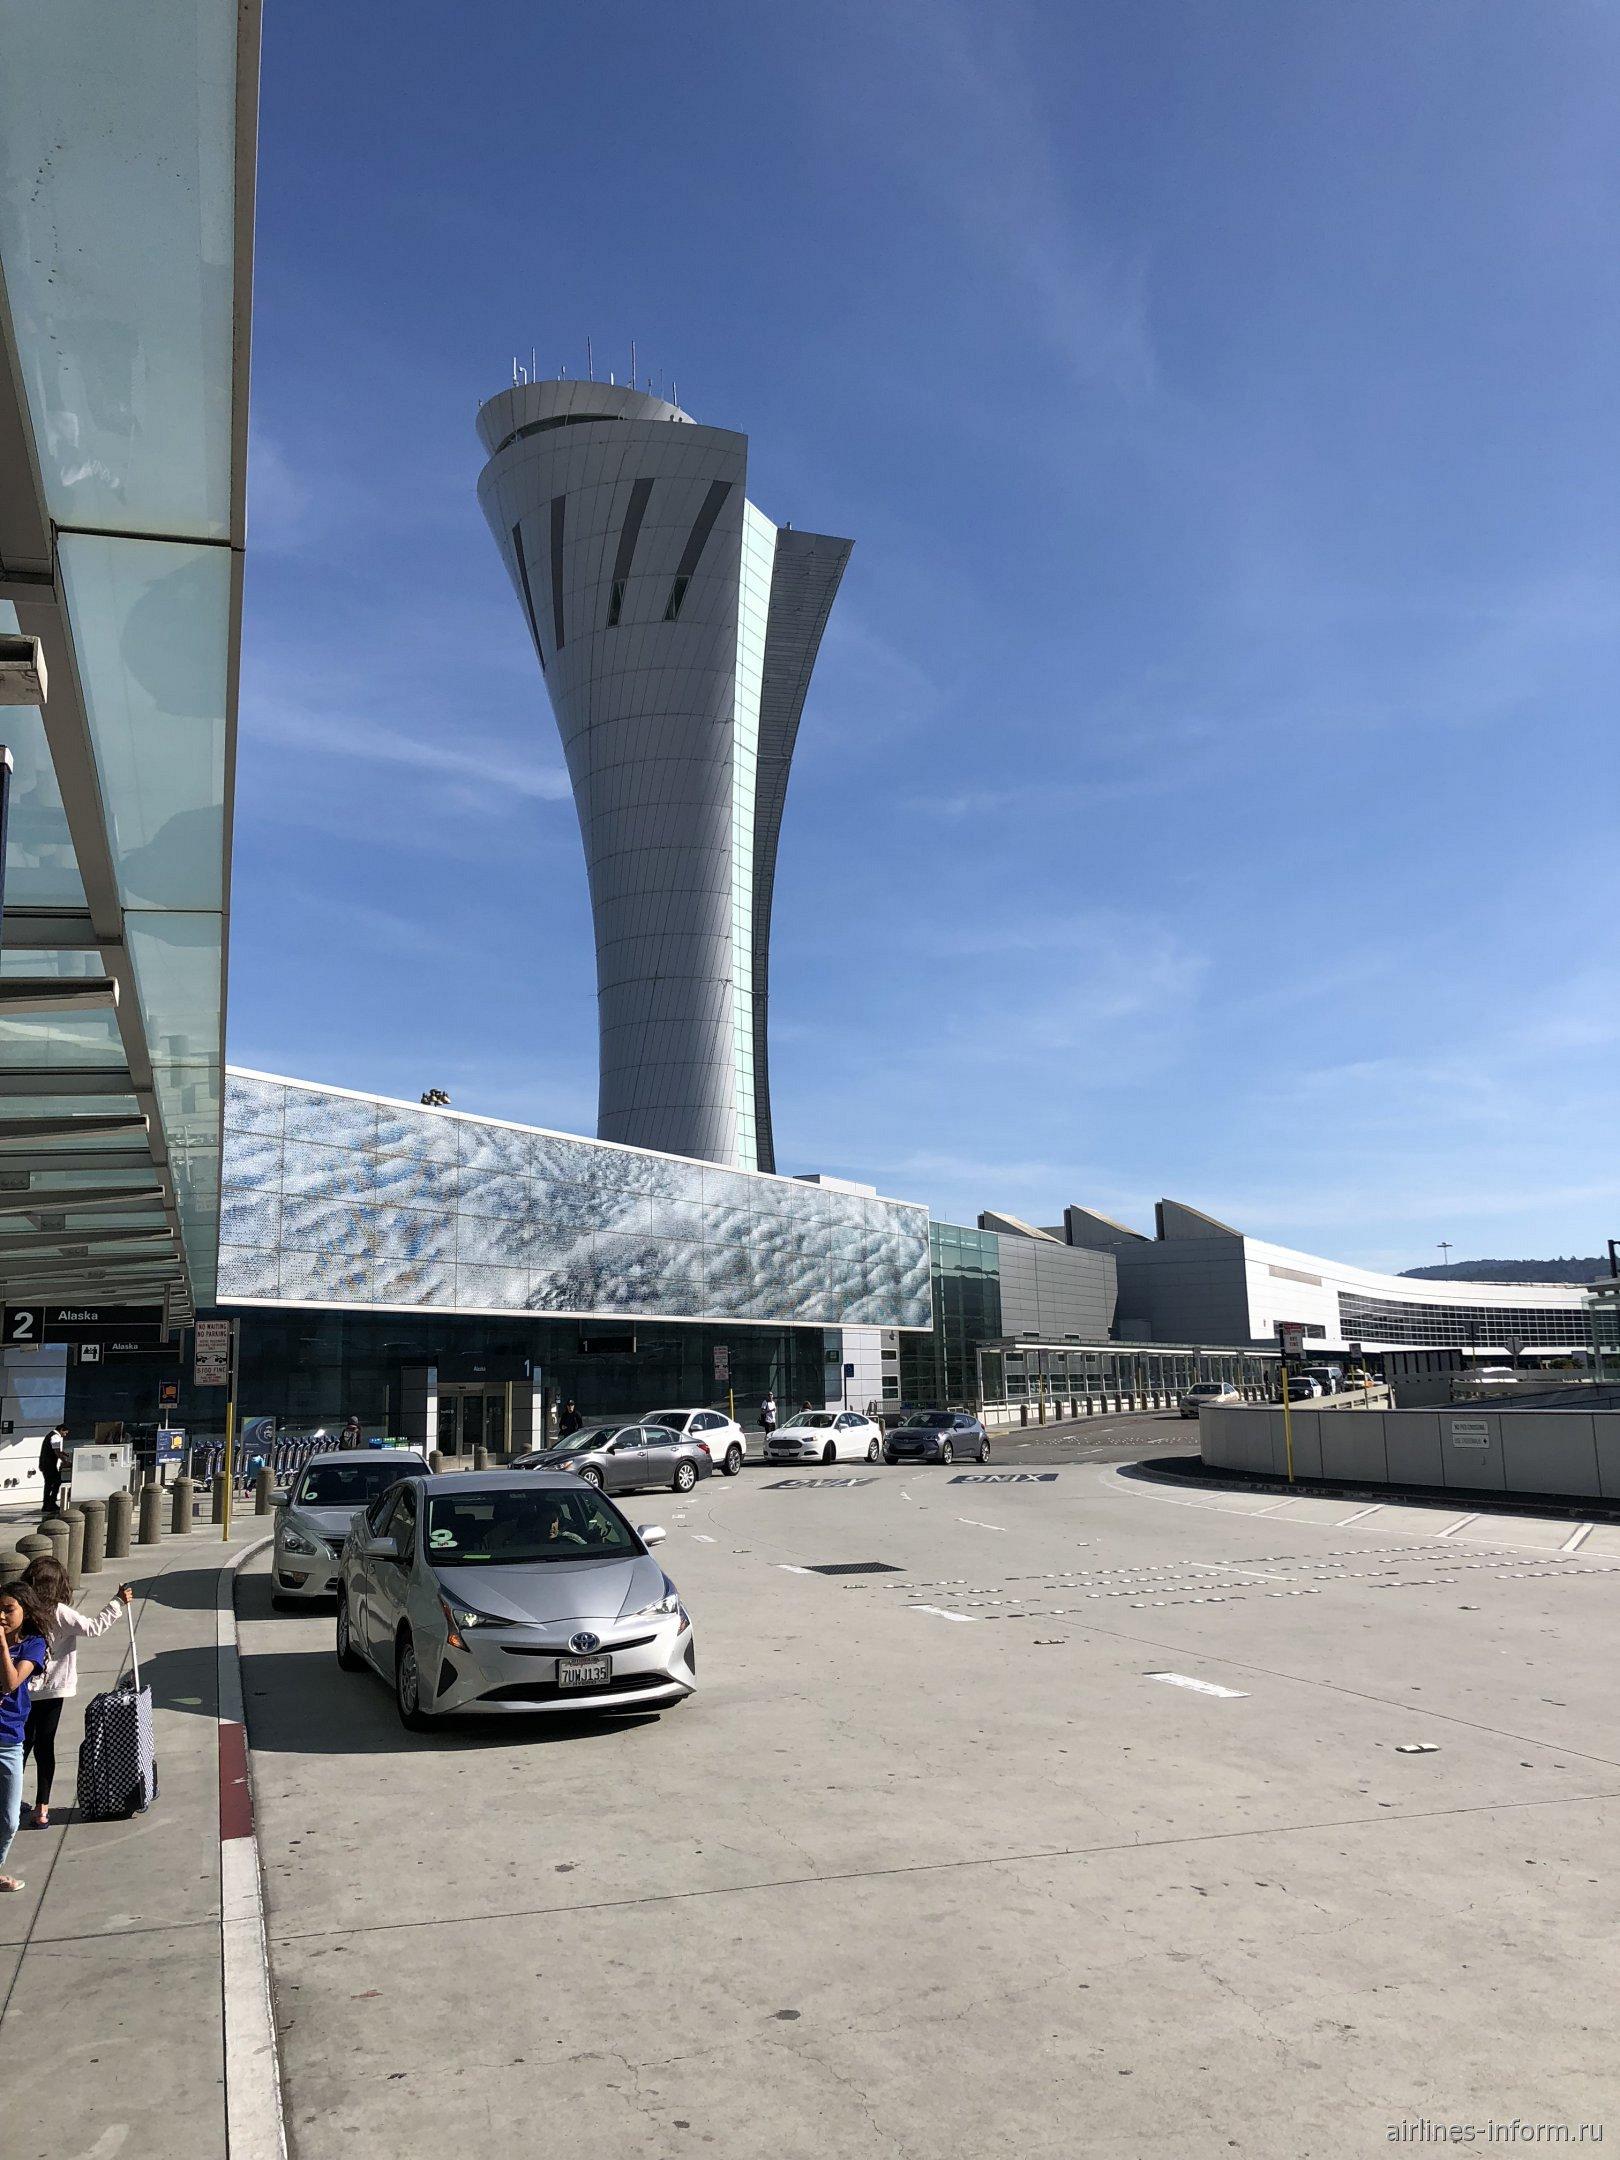 Диспетчерская башня аэропорта Сан-Франциско